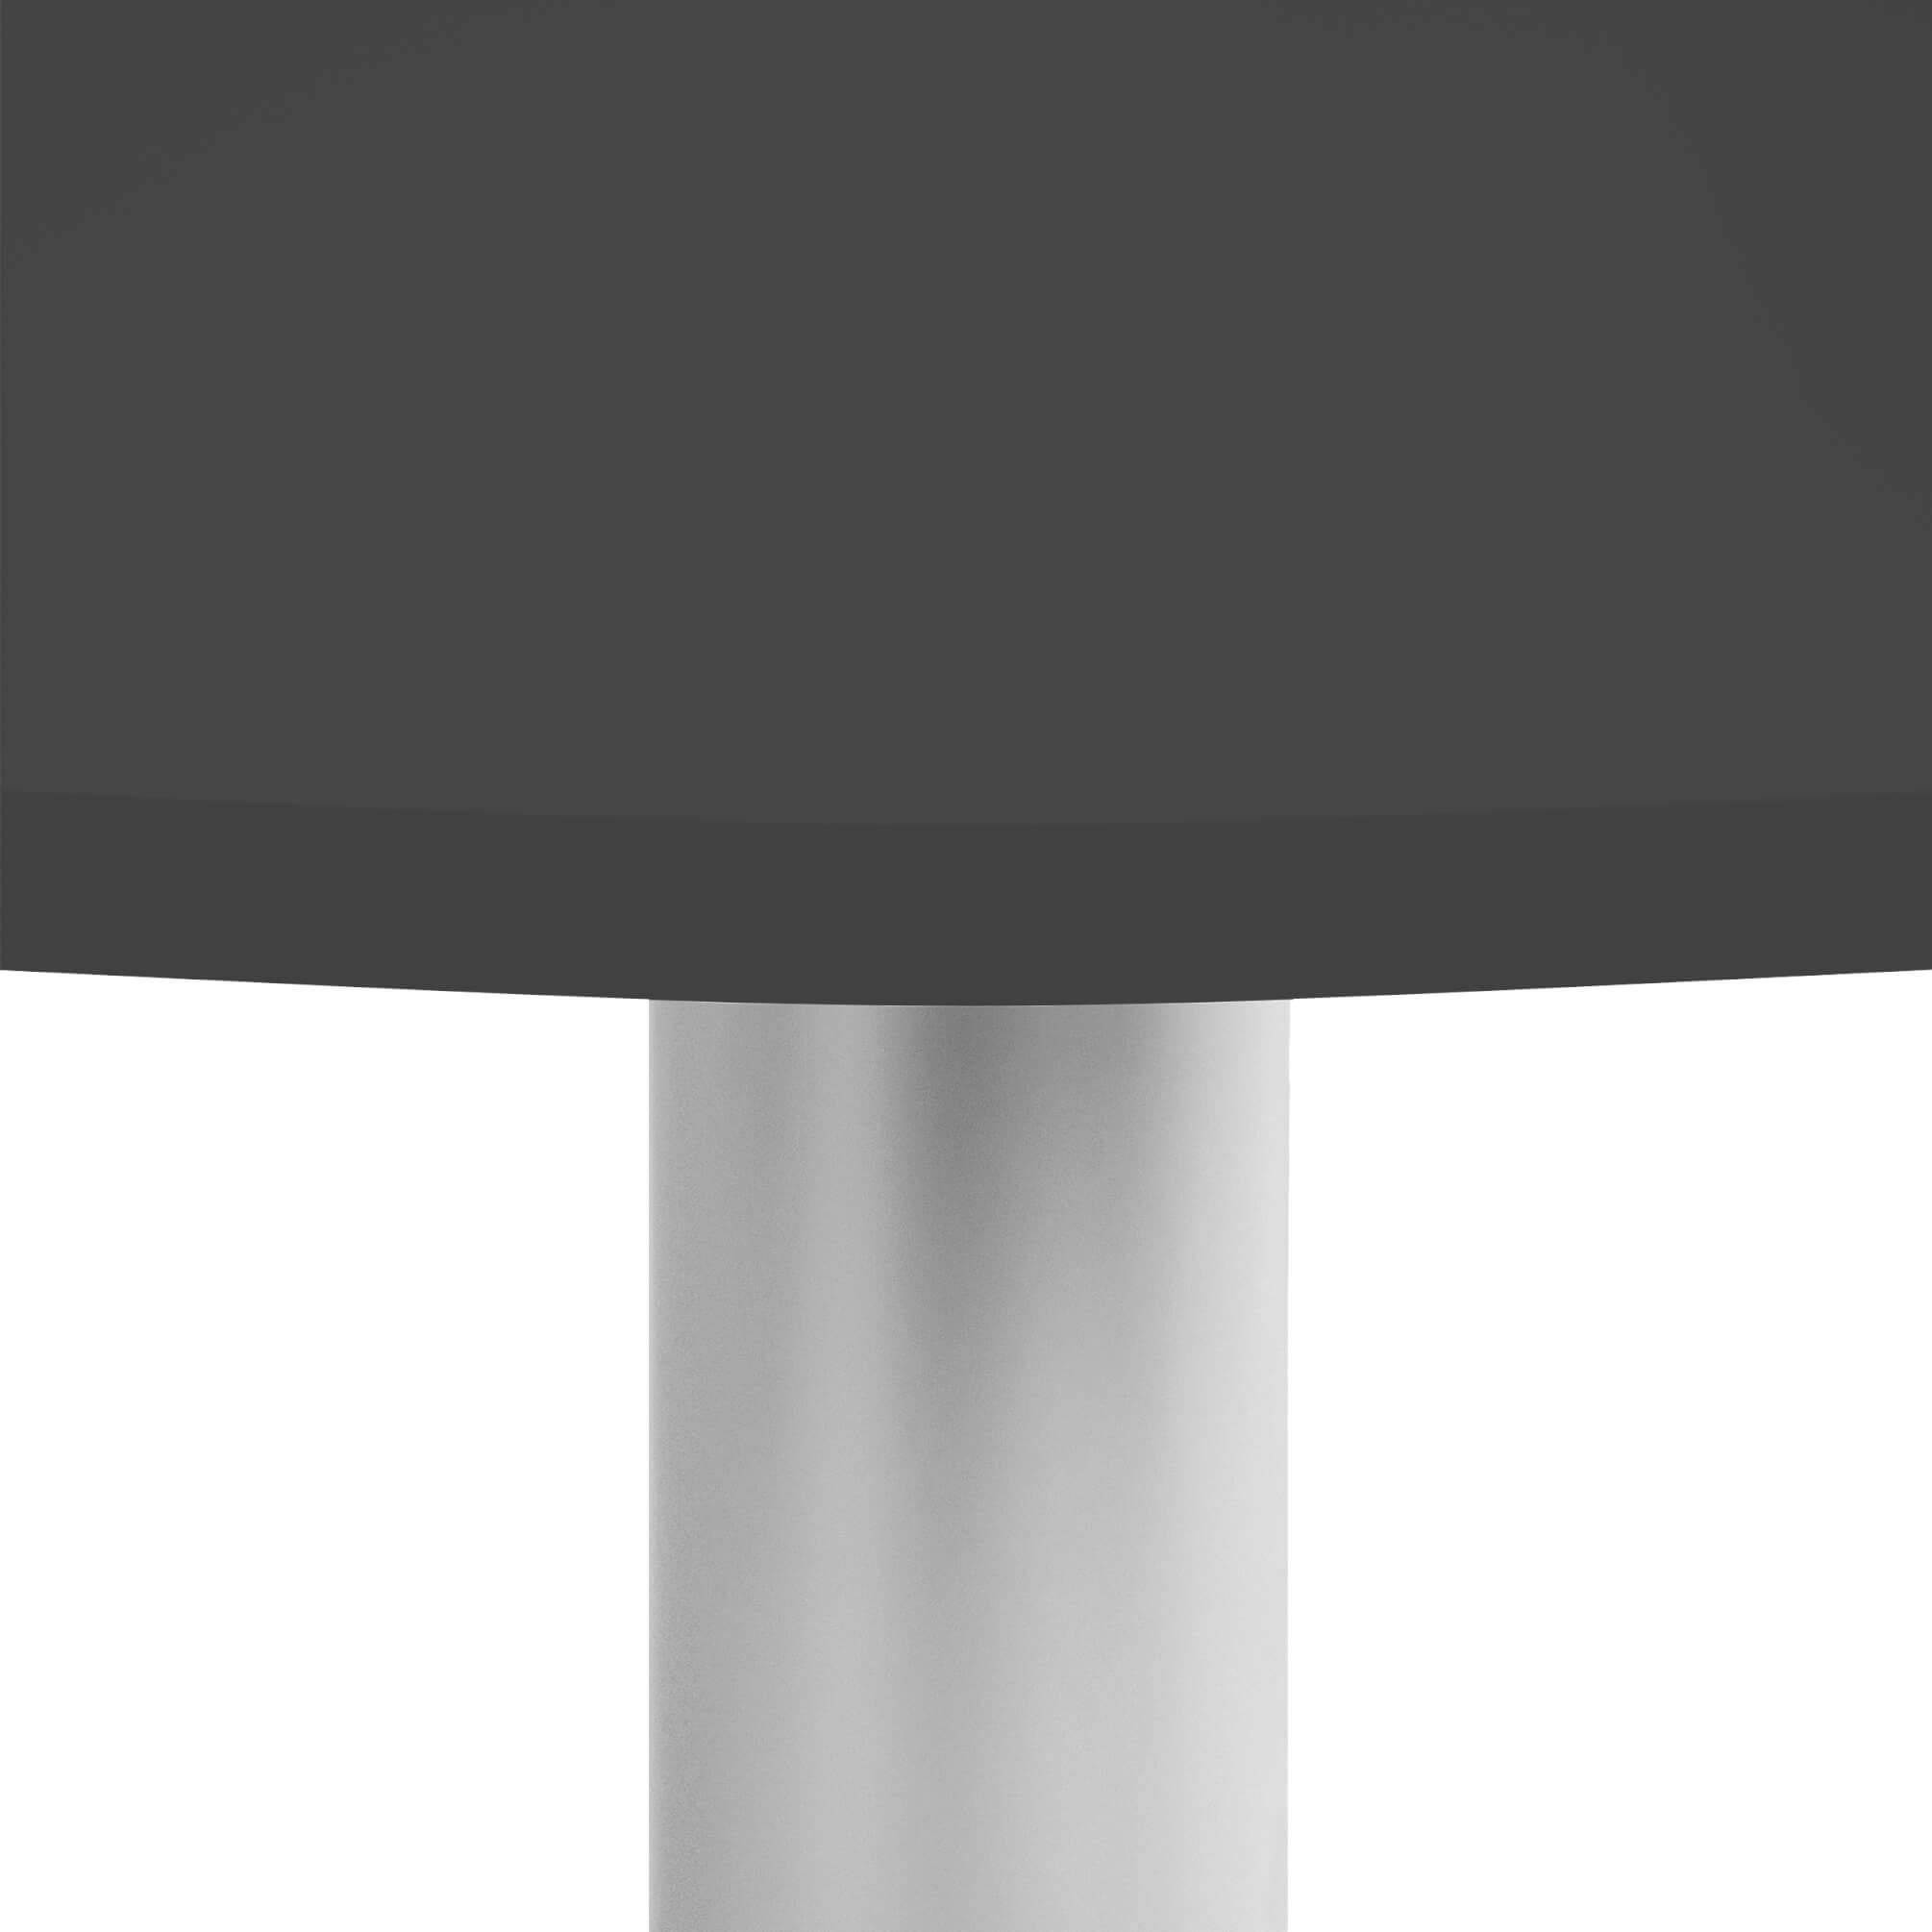 OPTIMA runder Besprechungstisch Ø 100 cm Anthrazit Silbernes Gestell Tisch Esstisch